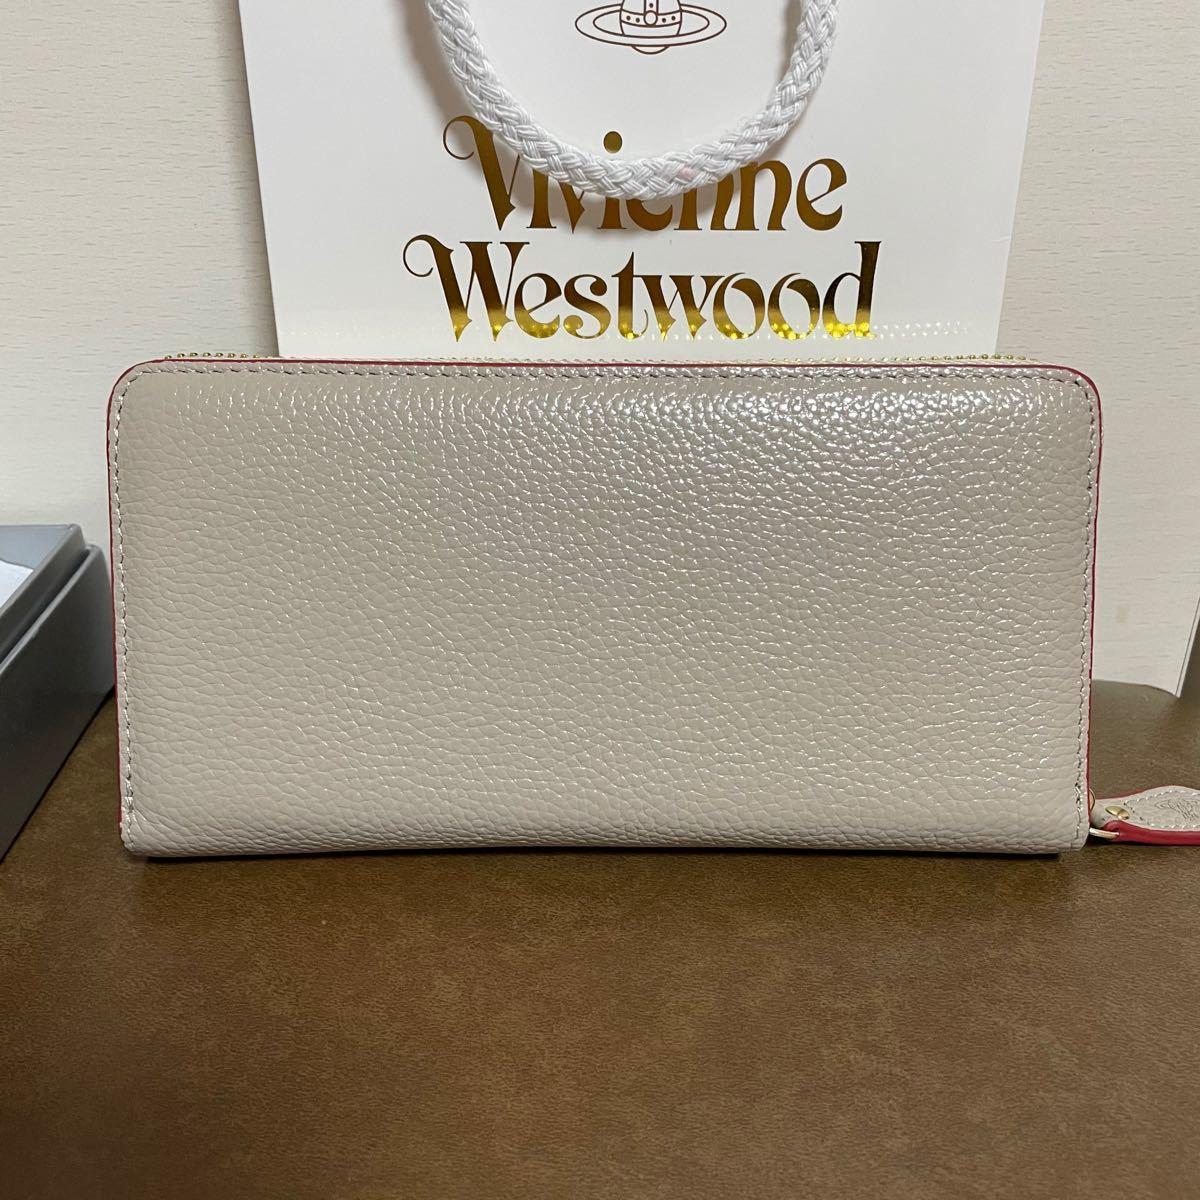 Vivienne Westwood ヴィヴィアンウエストウッド 長財布 グレージュ  ラウンドファスナー長財布